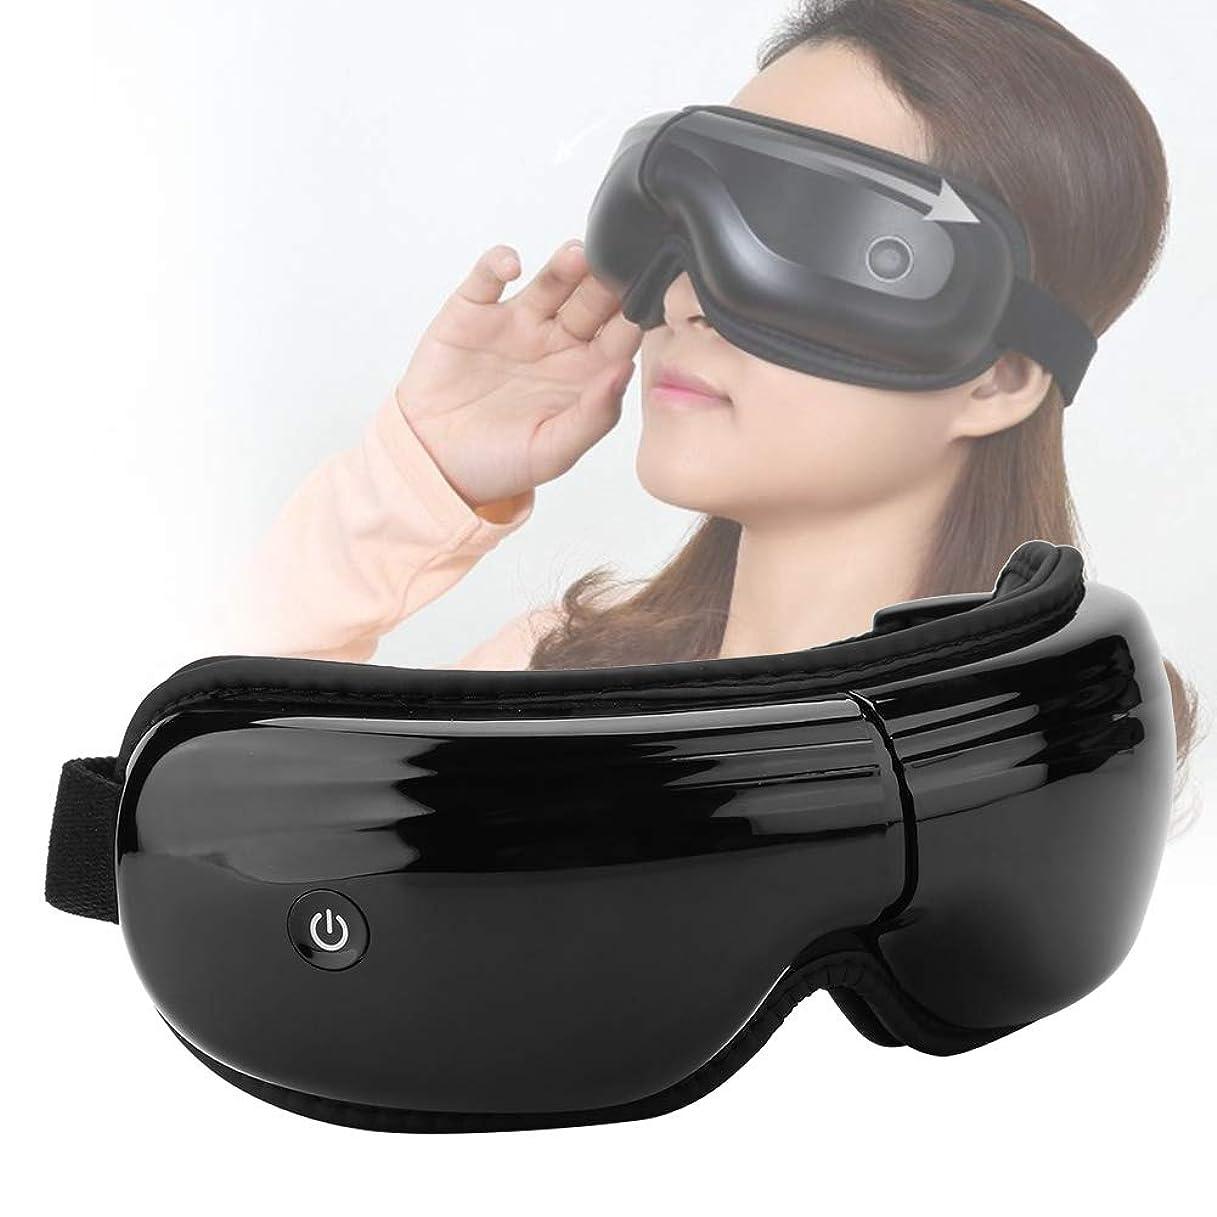 民間人ぼかすもし目のマッサージ器- ドライアイリラックス視力保護疲労救済5モード 空気圧音楽振動熱圧縮 (黒)